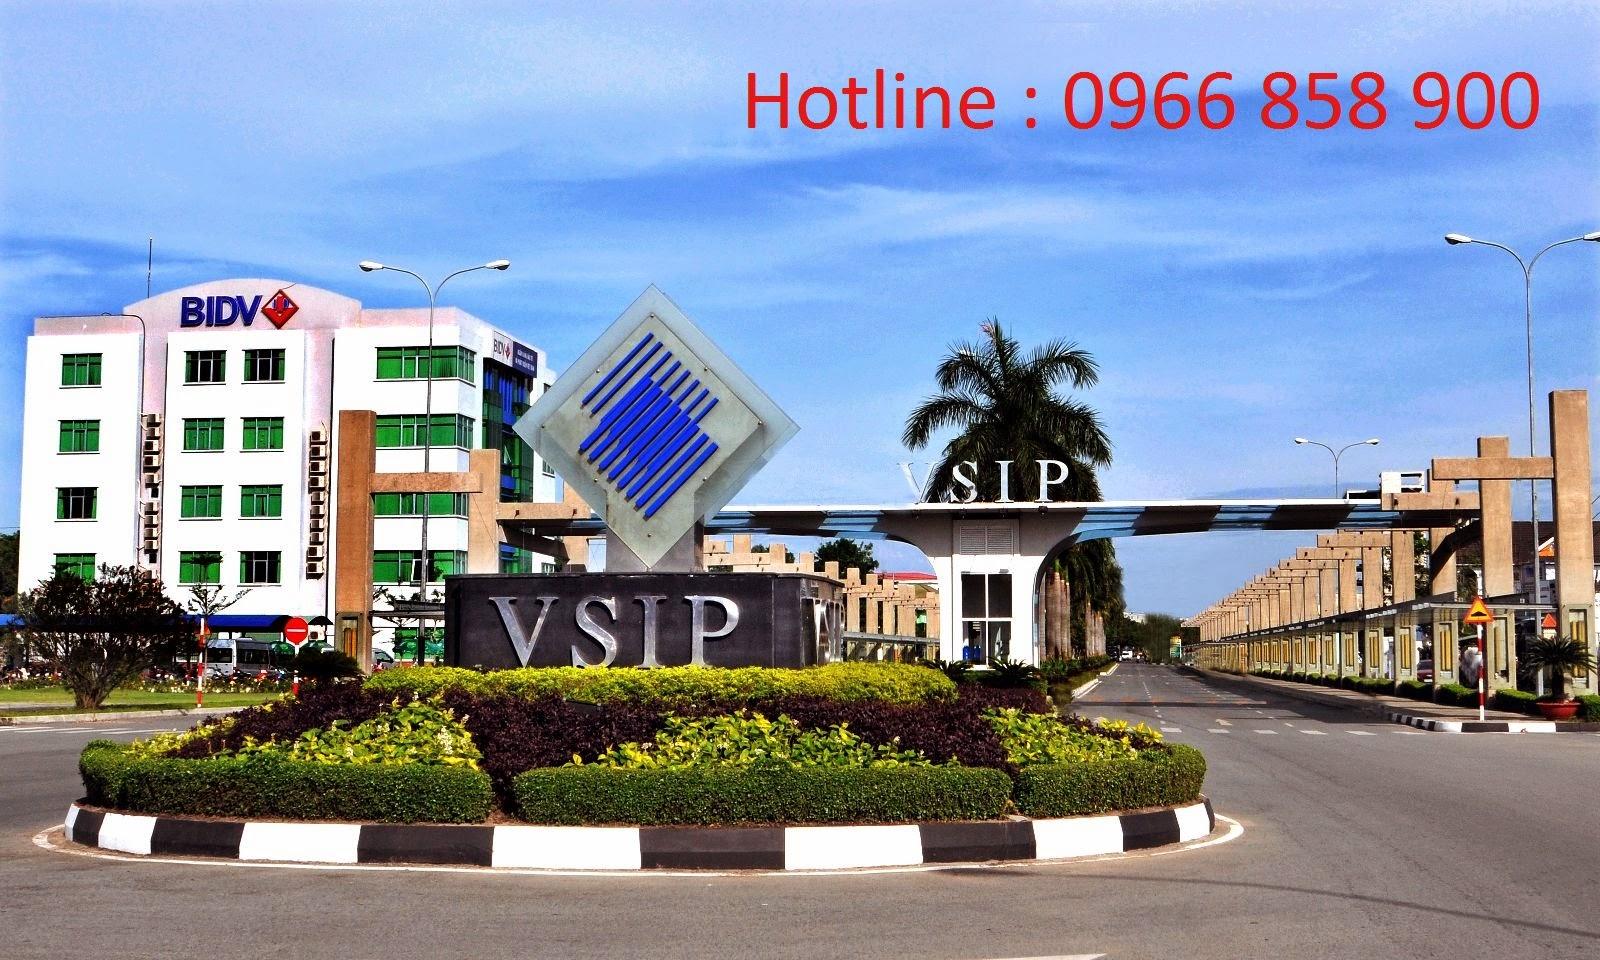 Đất nền Việt Sing, VSIP 1 Bình Dương ảnh 1